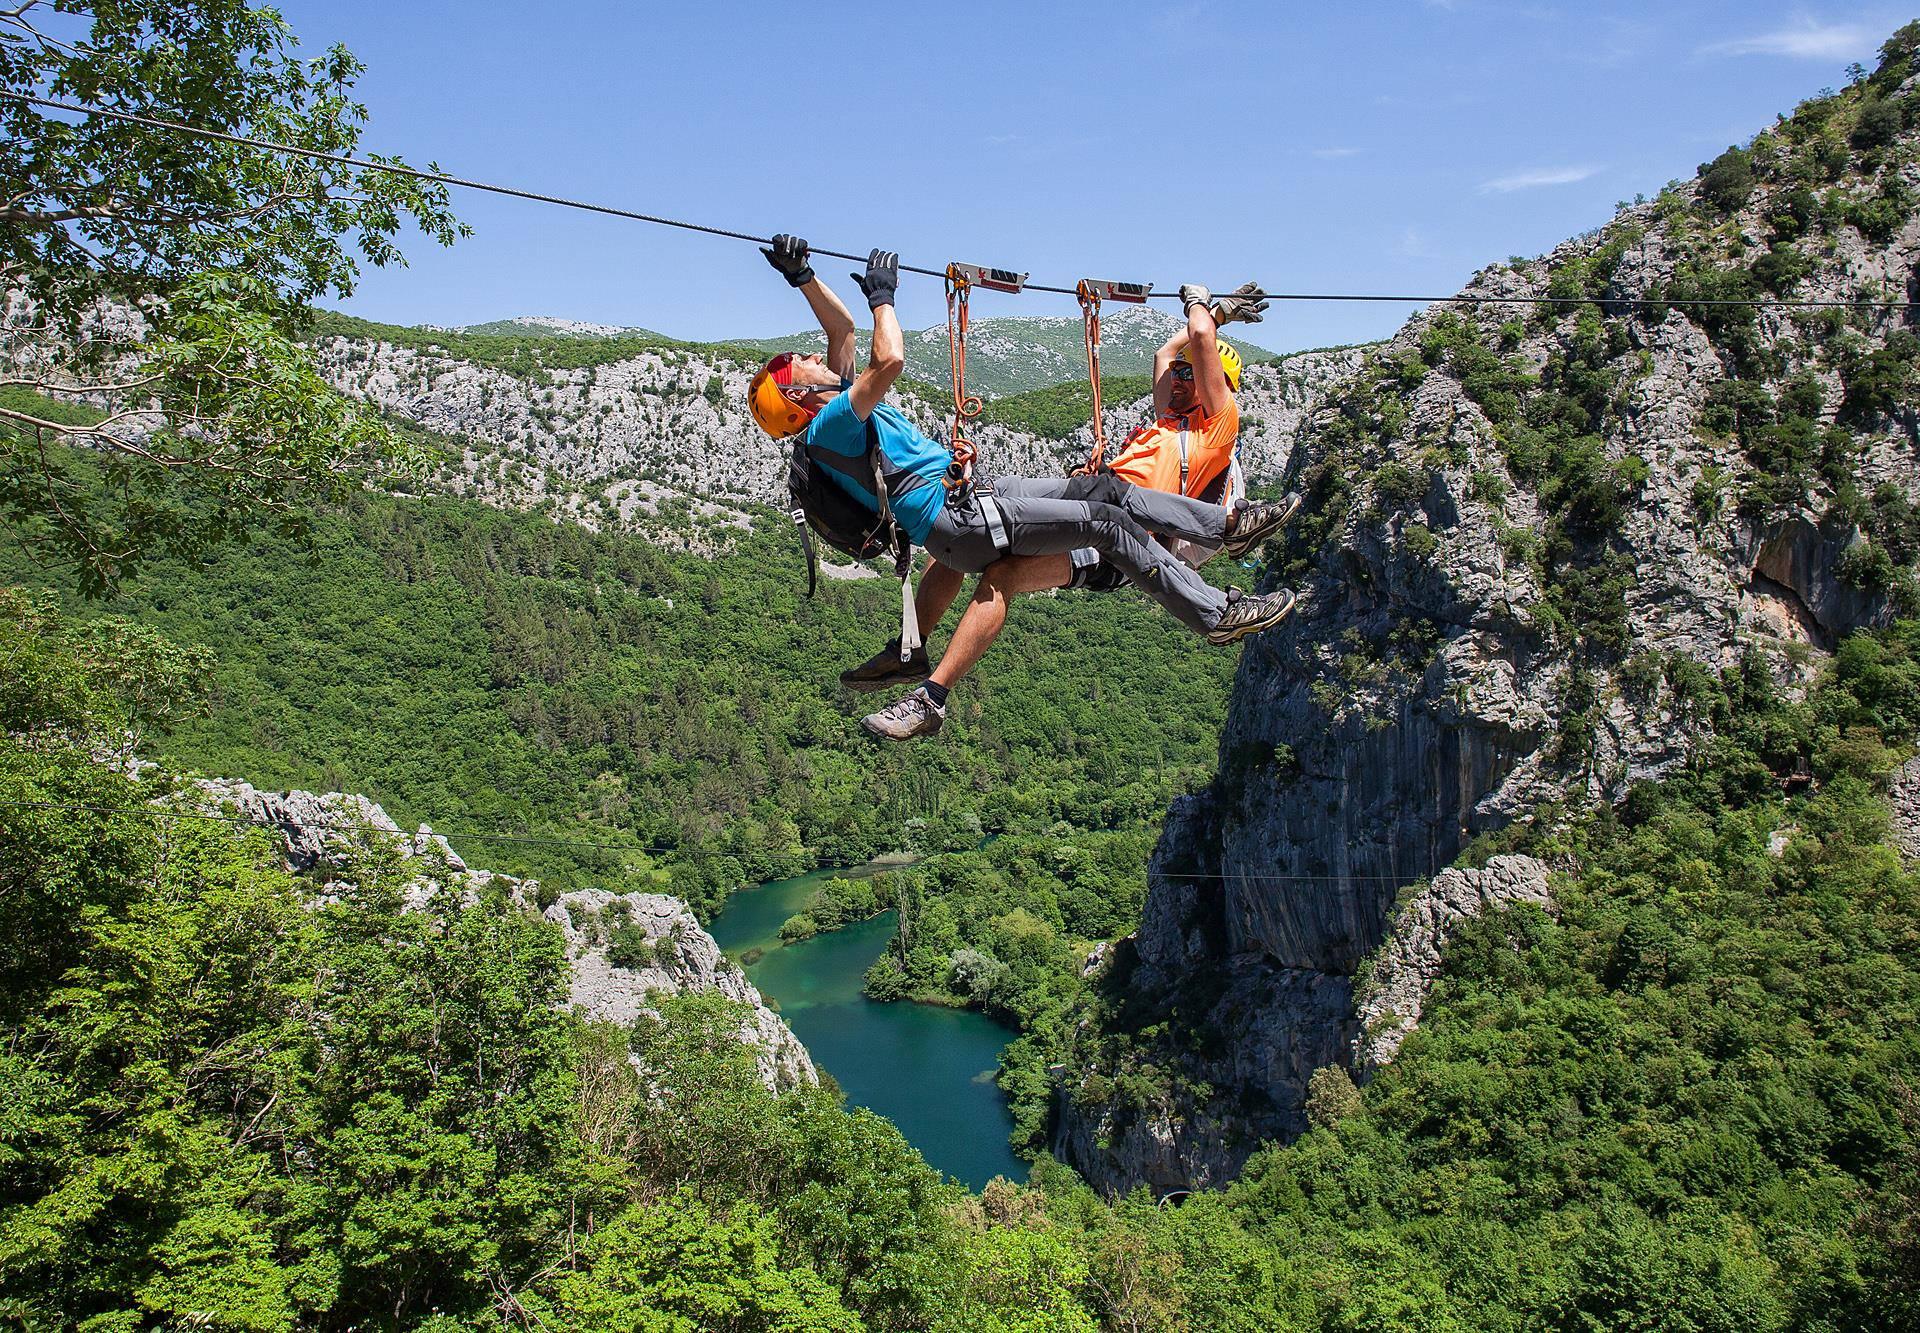 Nezaboravni vikend zajamčen: Aktivnosti koje nudi Dalmacija